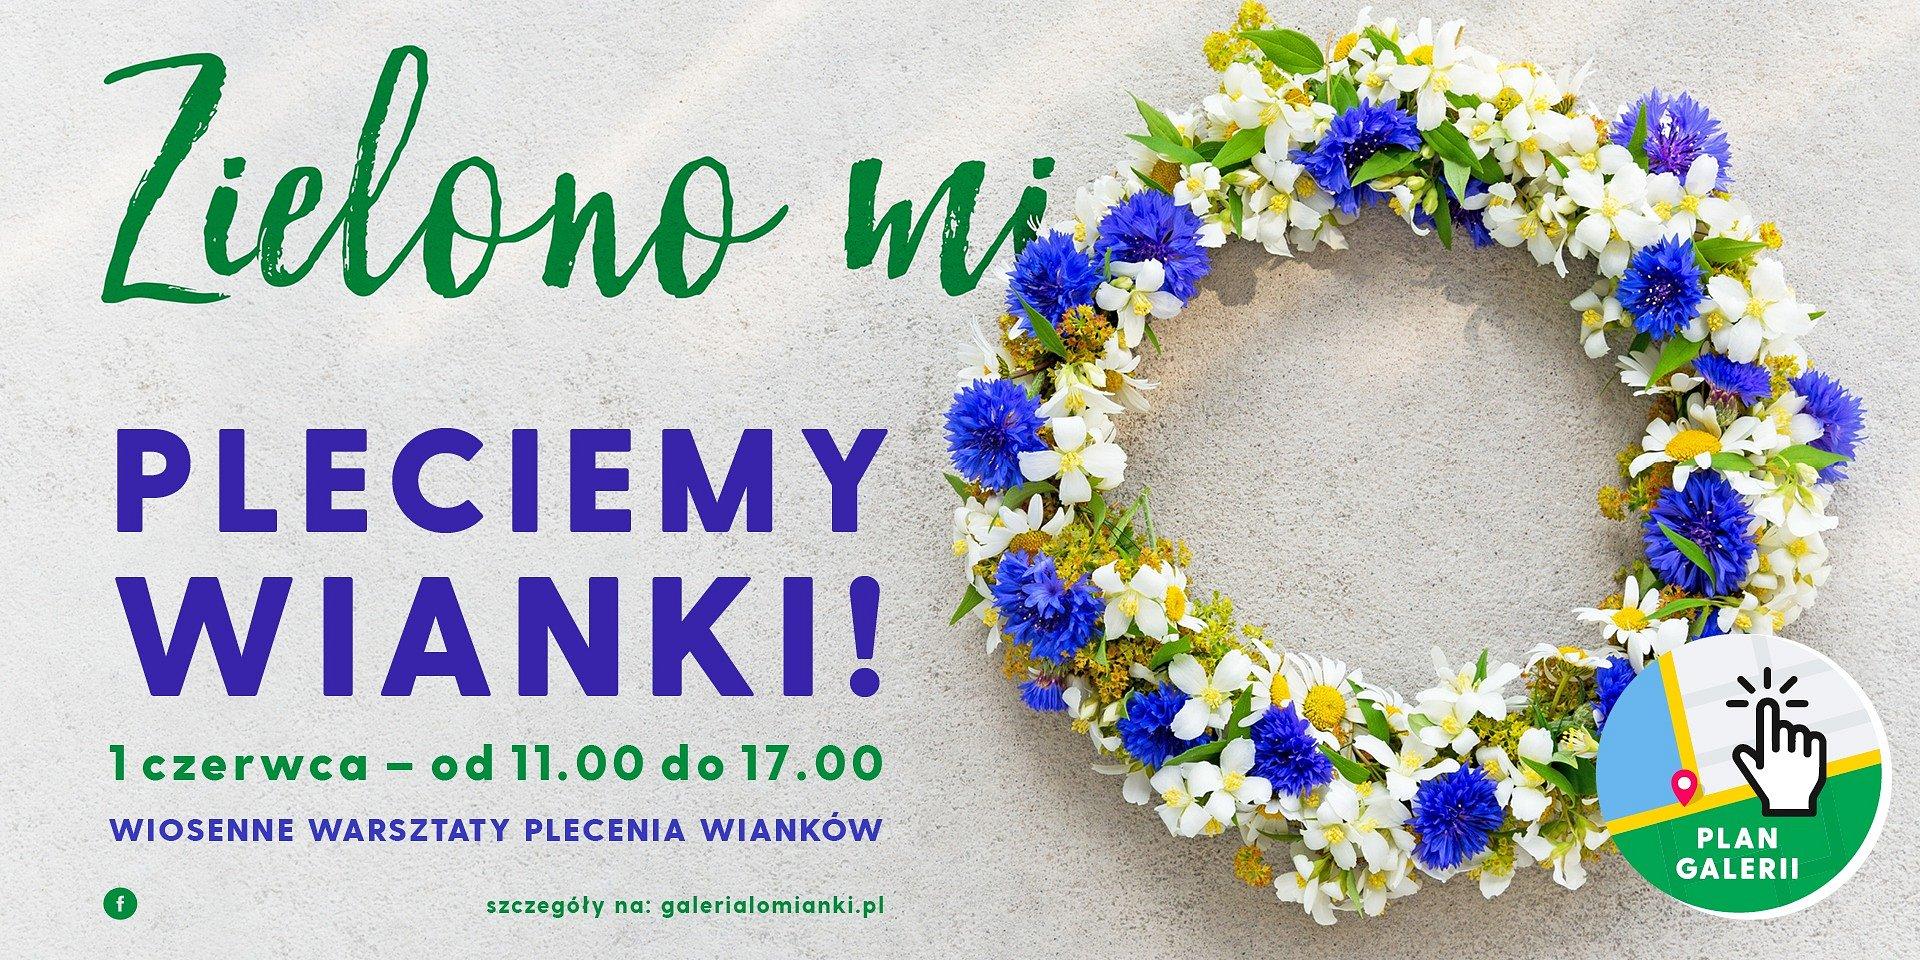 Kwiaty we włosach, czyli wianki w Galerii Łomianki!